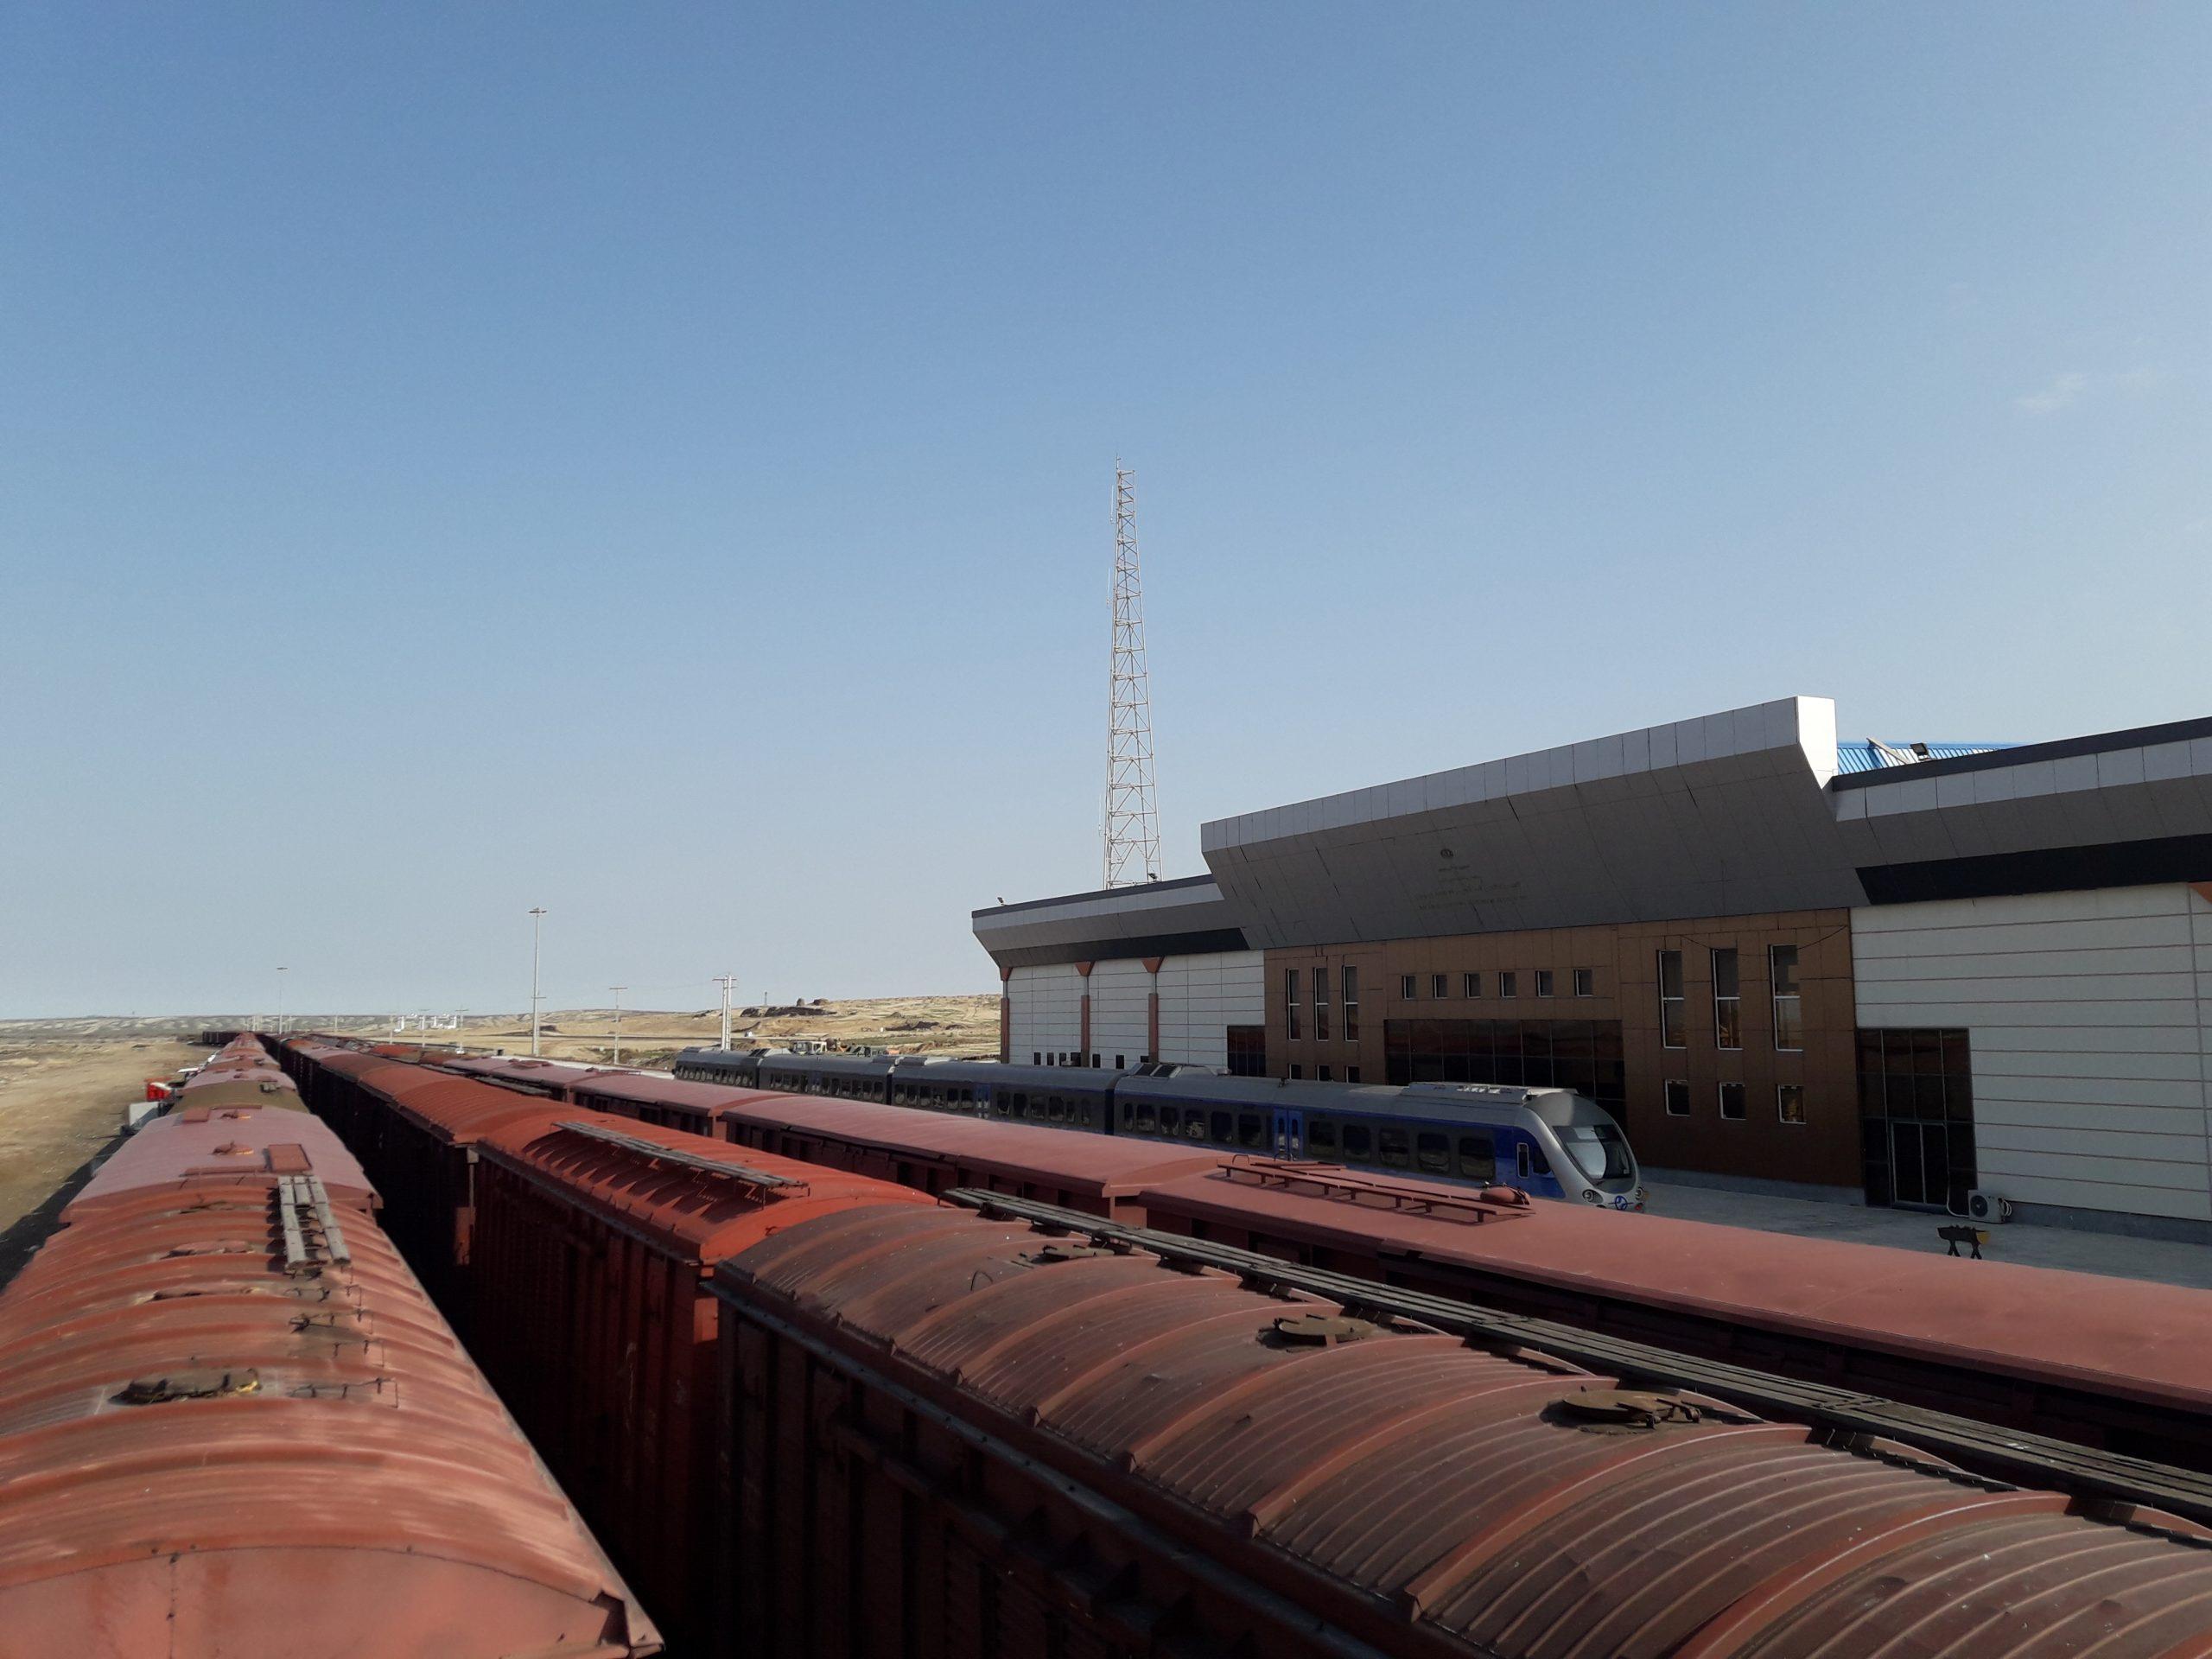 توقف ۹۰۰ واگن در مرز ترکمنستان/ ۸۰ درصد مرزهای تجاری فعال است